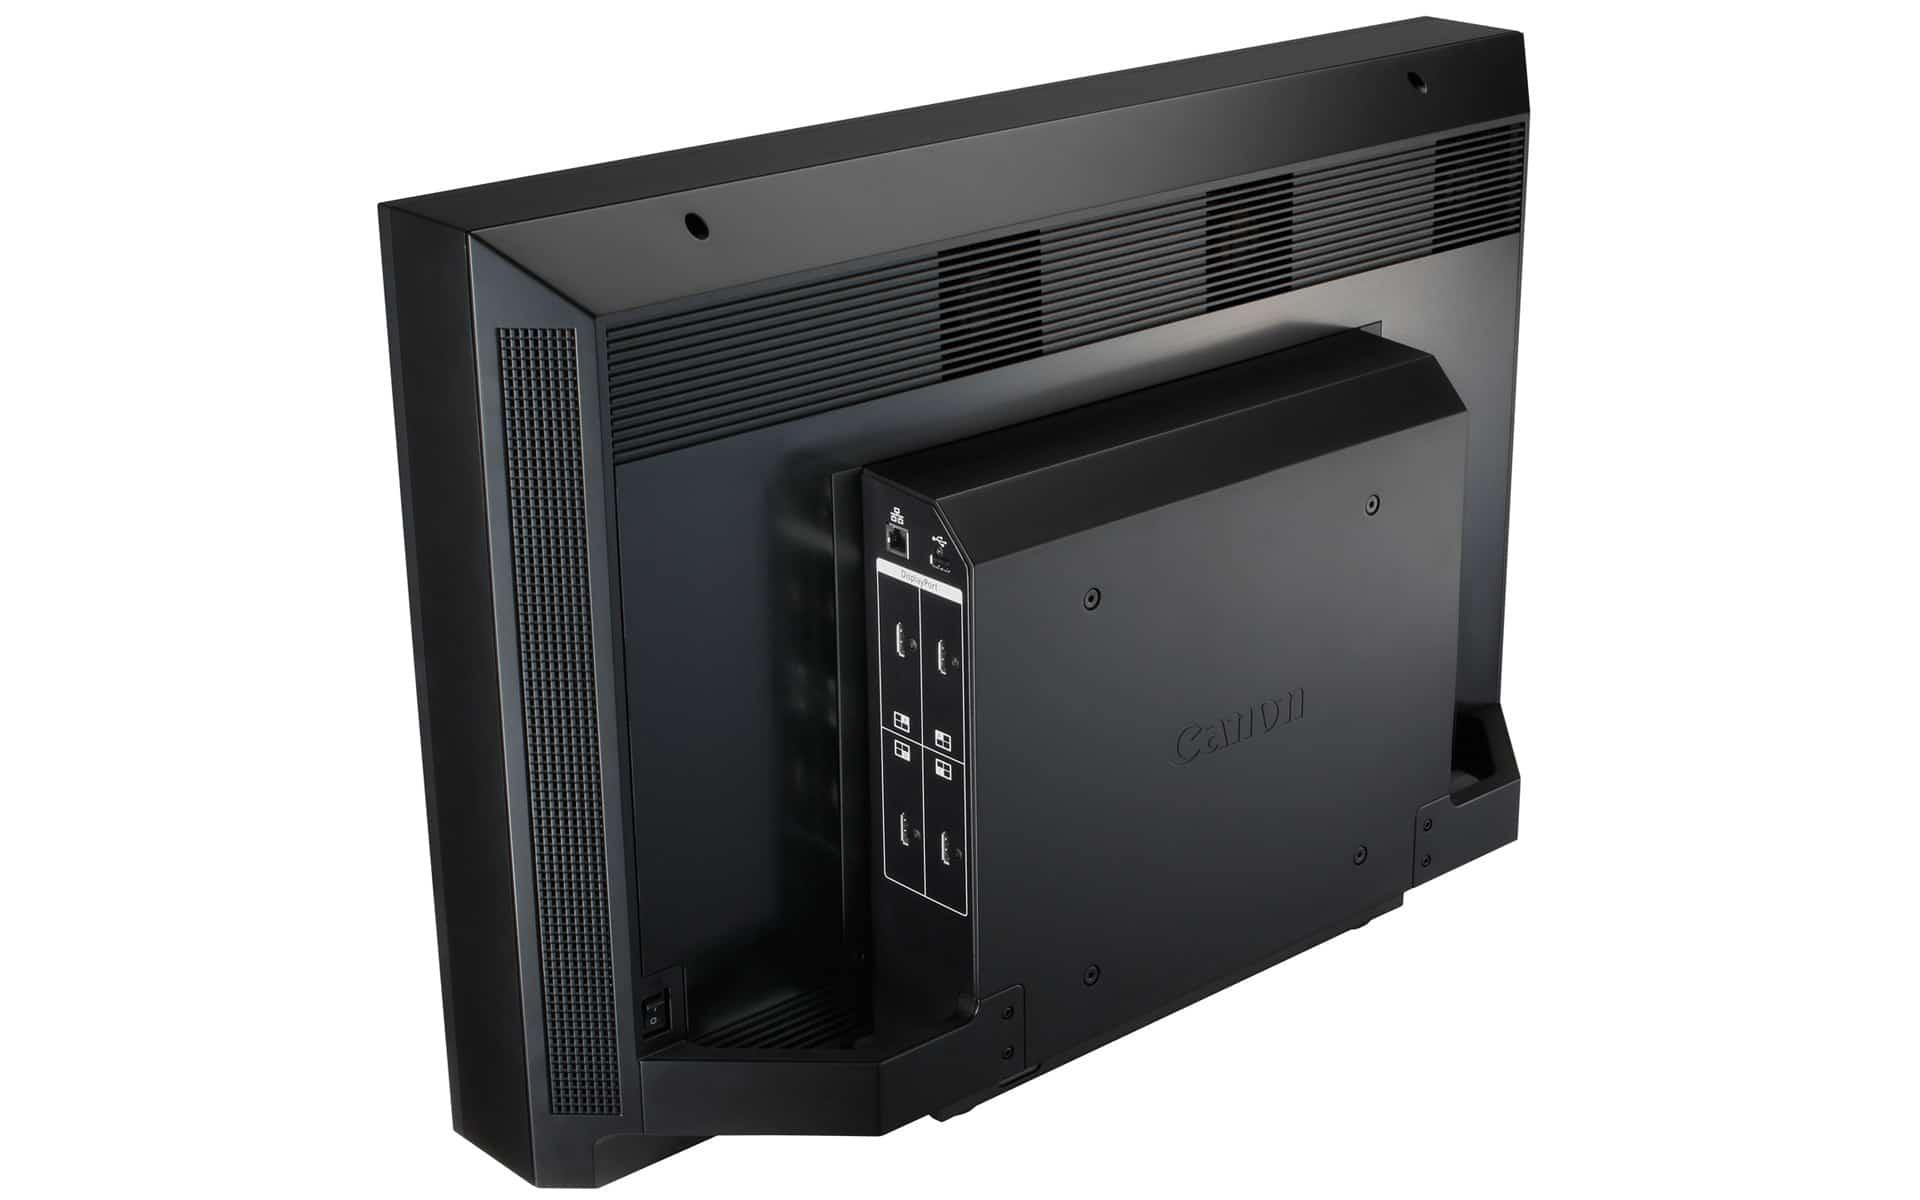 Rückansicht Canon DP-V3010 4K Monitor mit HDMI-, LAN- und USB-Anschlüssen